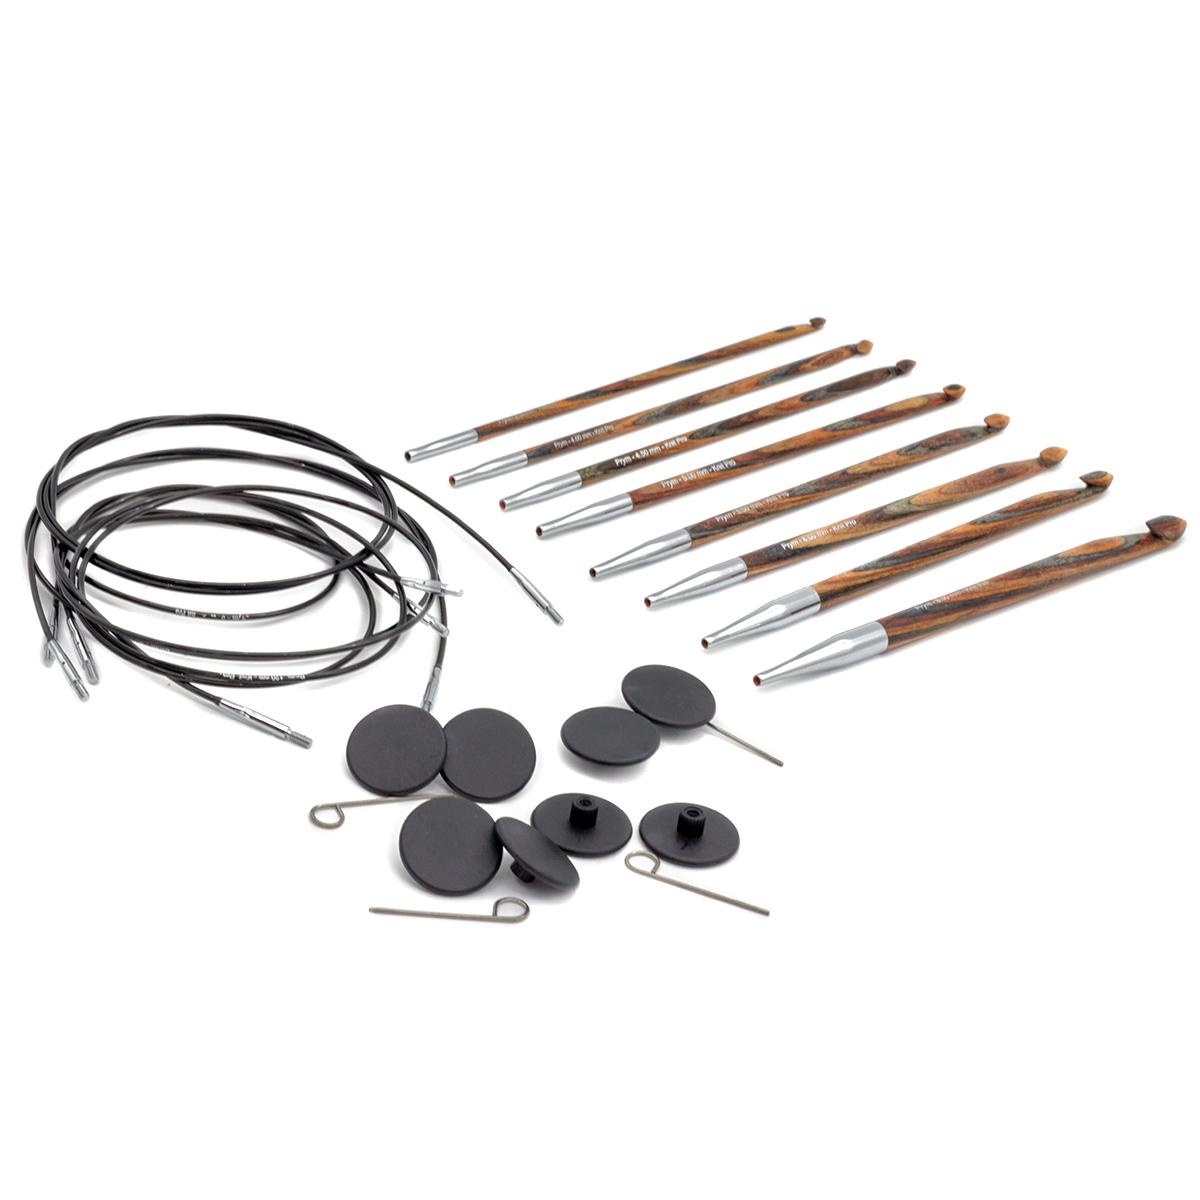 223810 Крючки для вязания тунисские, дерево/металл (набор), 3,5-8 мм, упак./8 шт., Prym